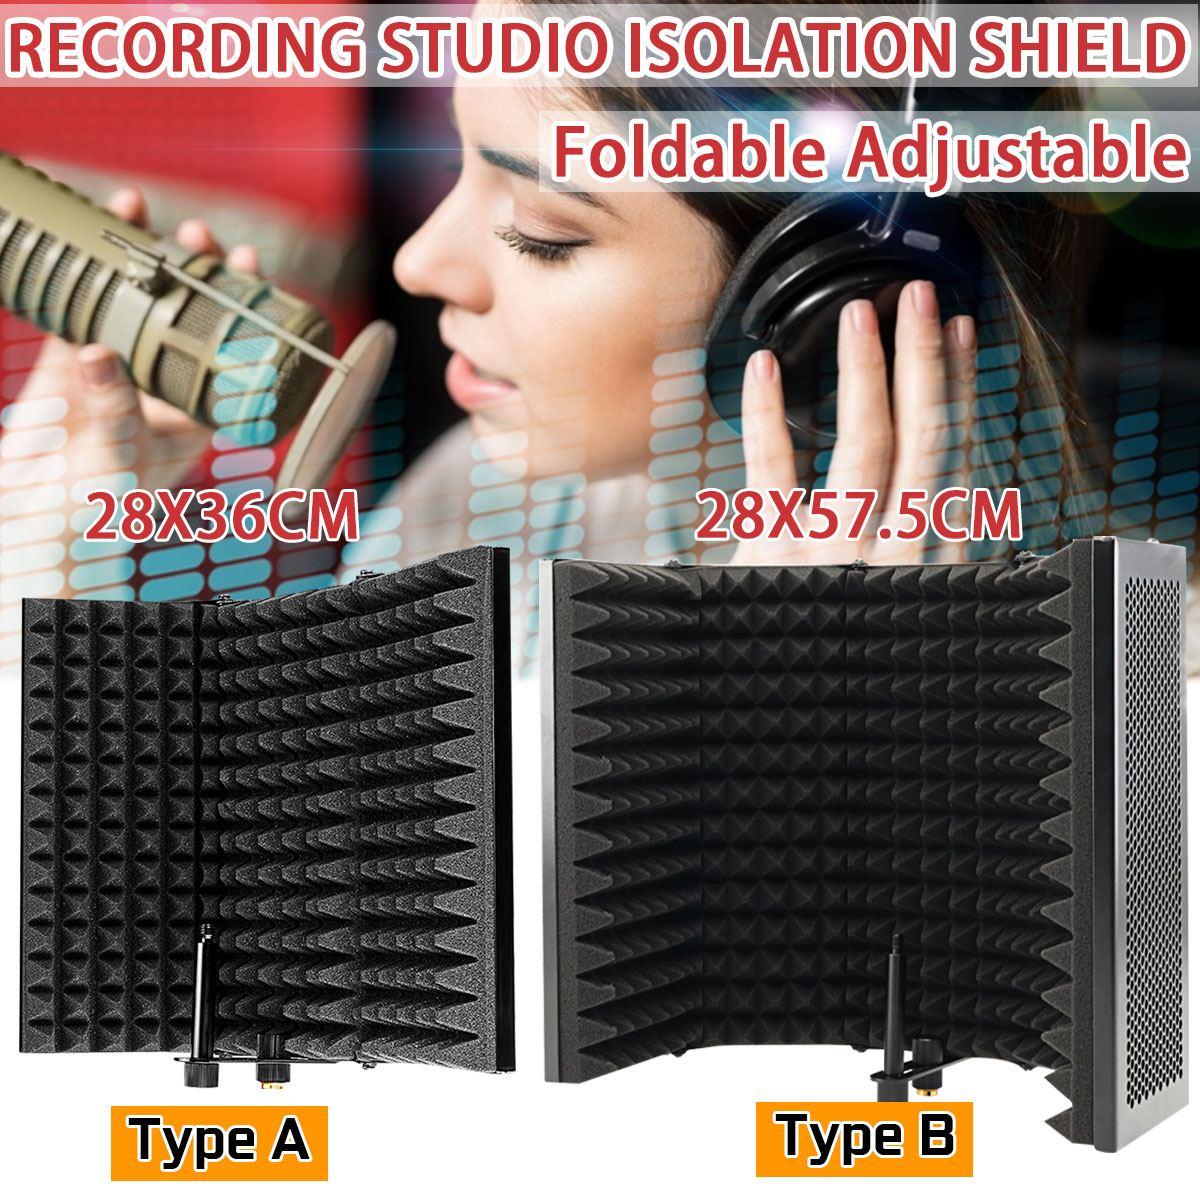 Micrófono plegable aislamiento acústico Escudo de aleación de espuma acústica Panel ajustable estudio grabación micrófono Accesorios